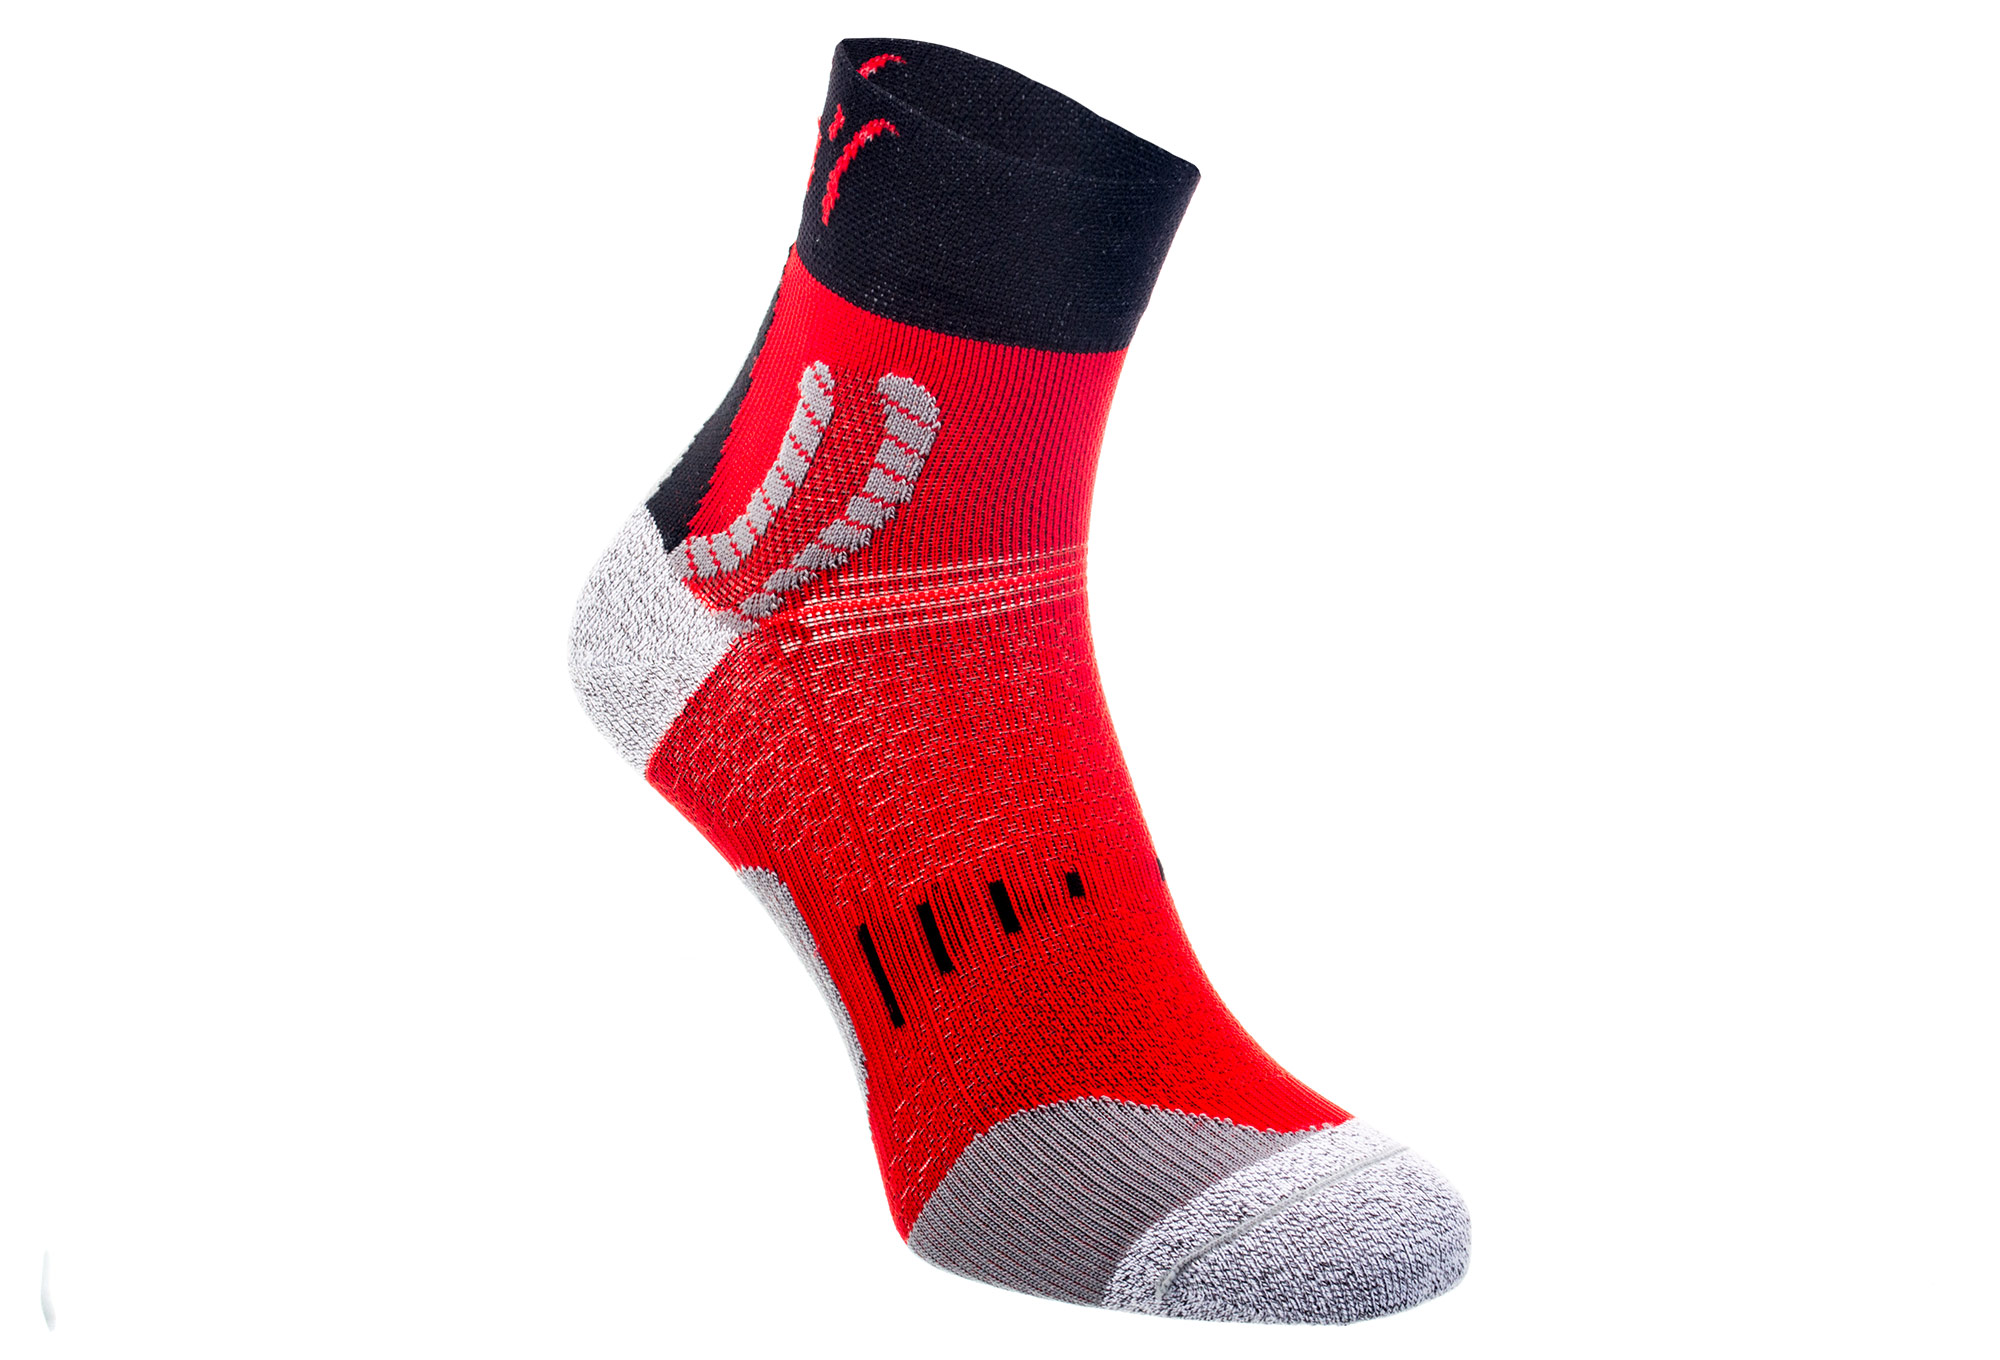 paire de chaussettes running rafa l nairobie blanc noir rouge. Black Bedroom Furniture Sets. Home Design Ideas